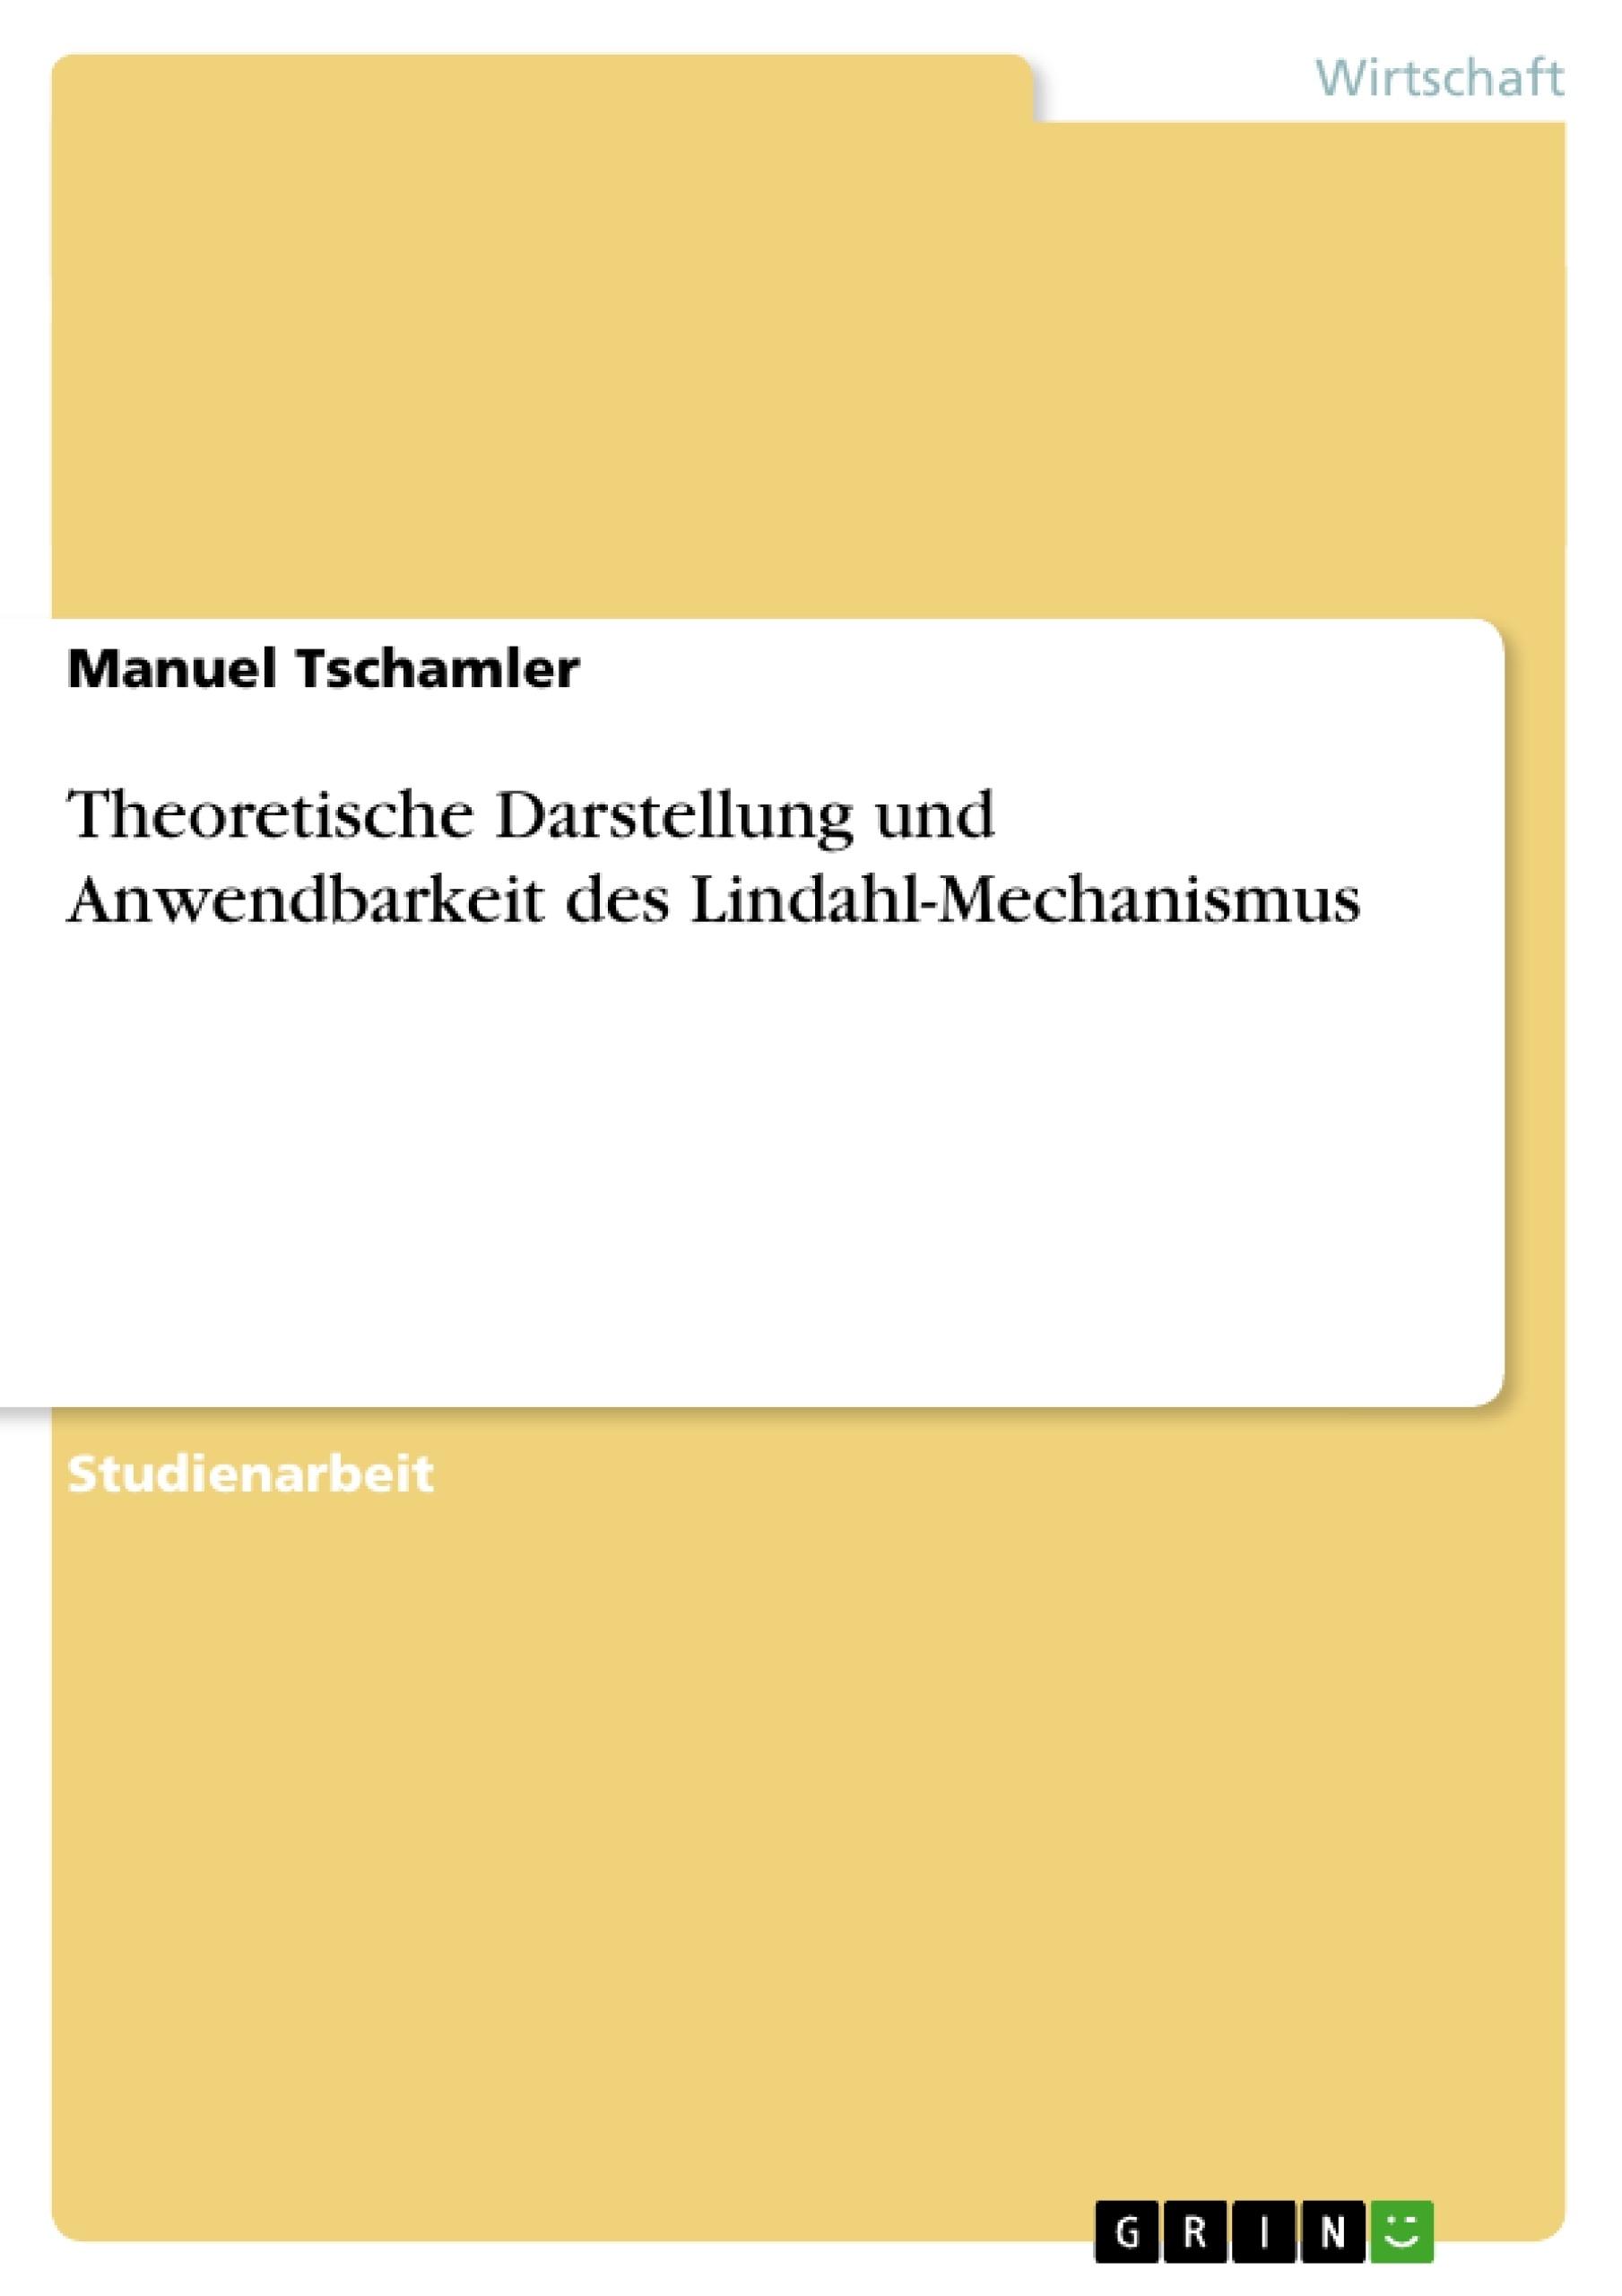 Titel: Theoretische Darstellung und Anwendbarkeit des Lindahl-Mechanismus